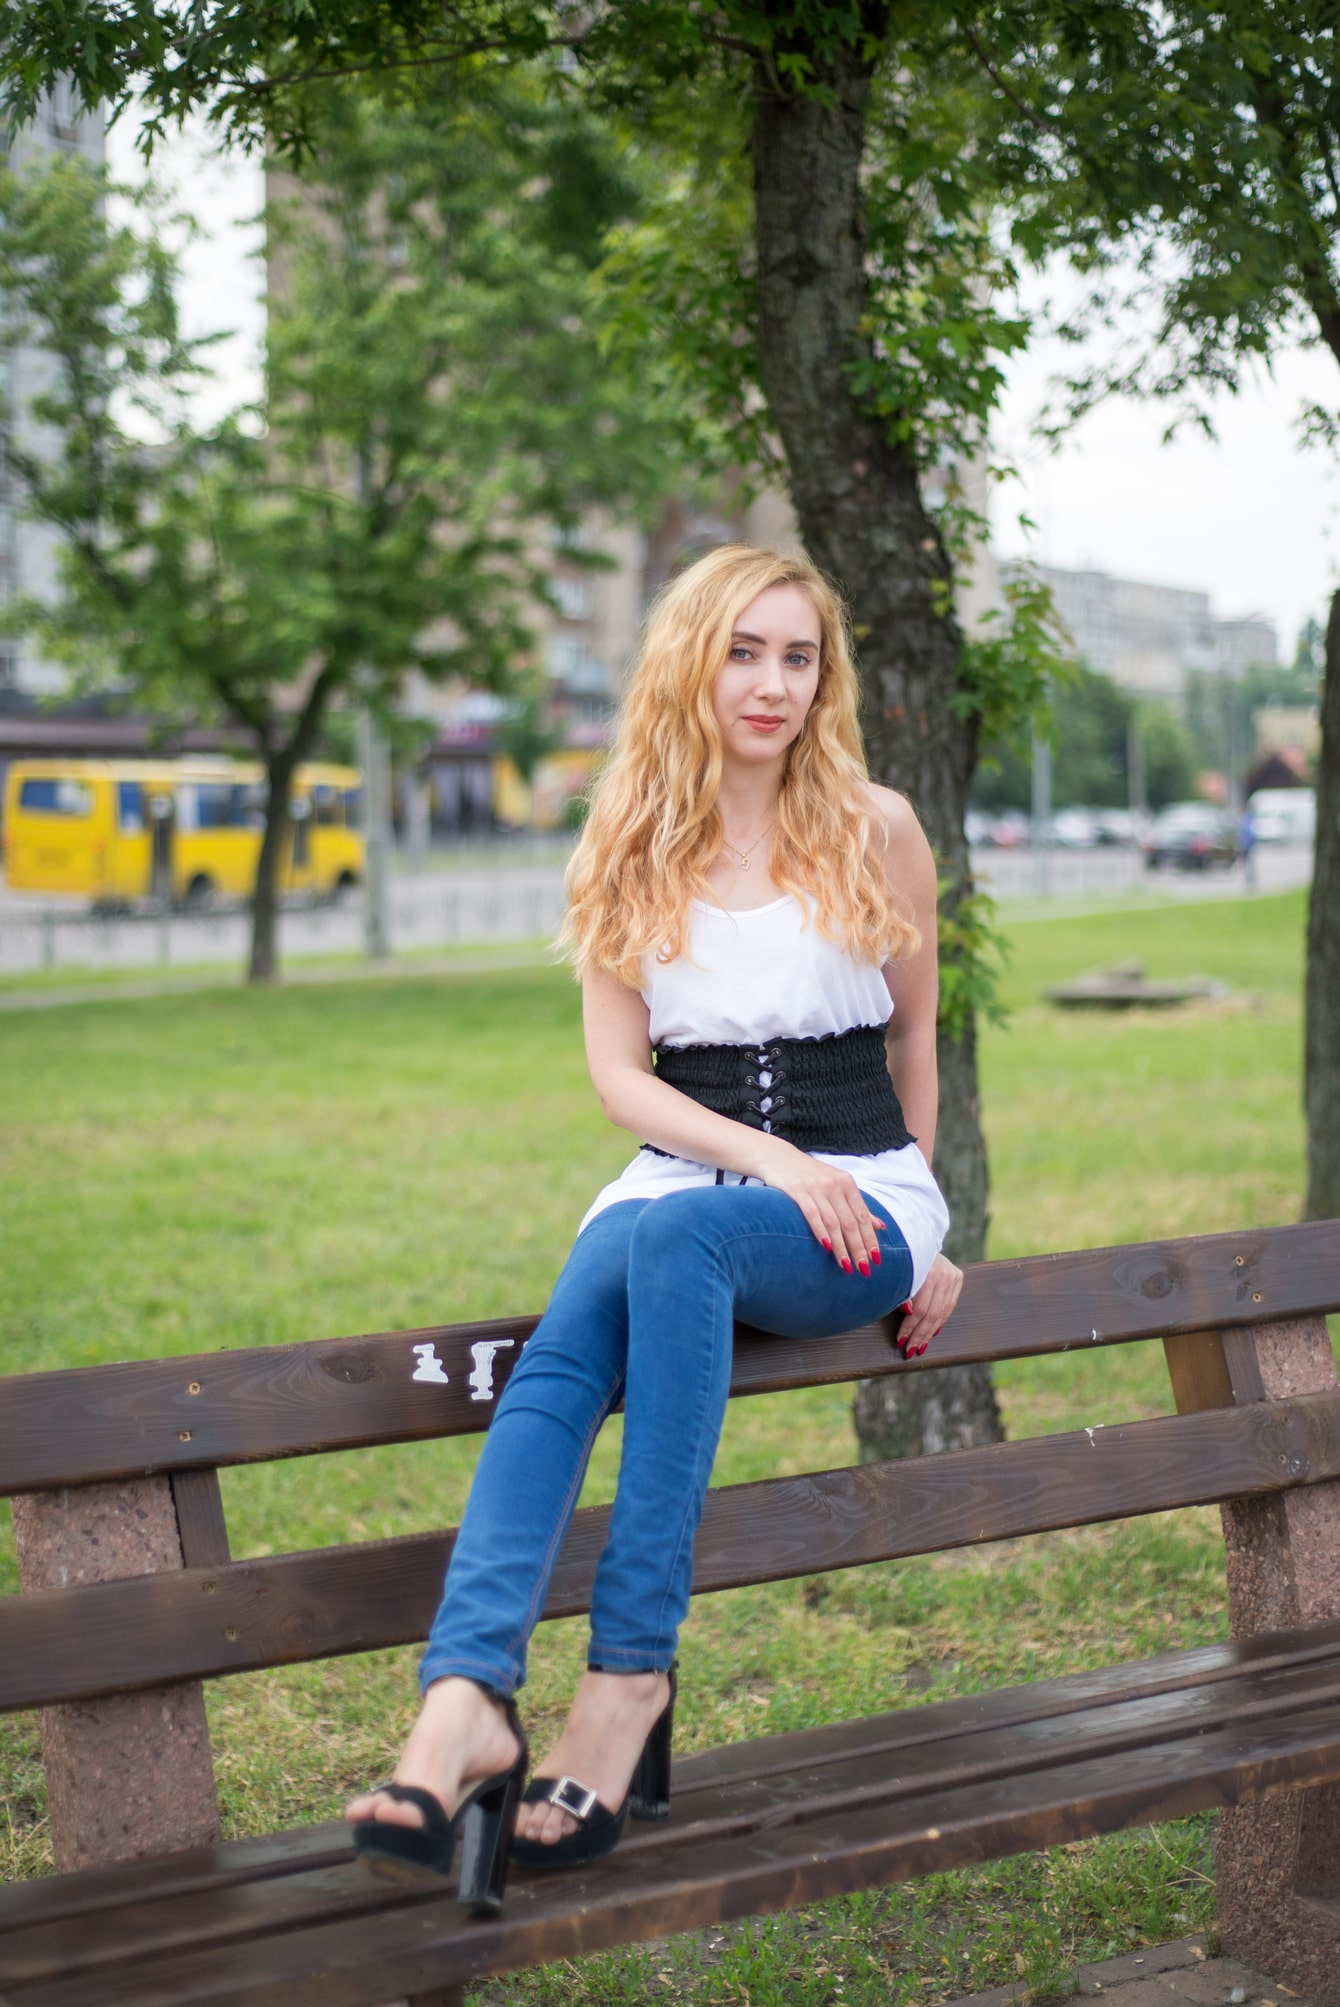 Весенняя фотосессия в парке - Фотограф Женя Лайт